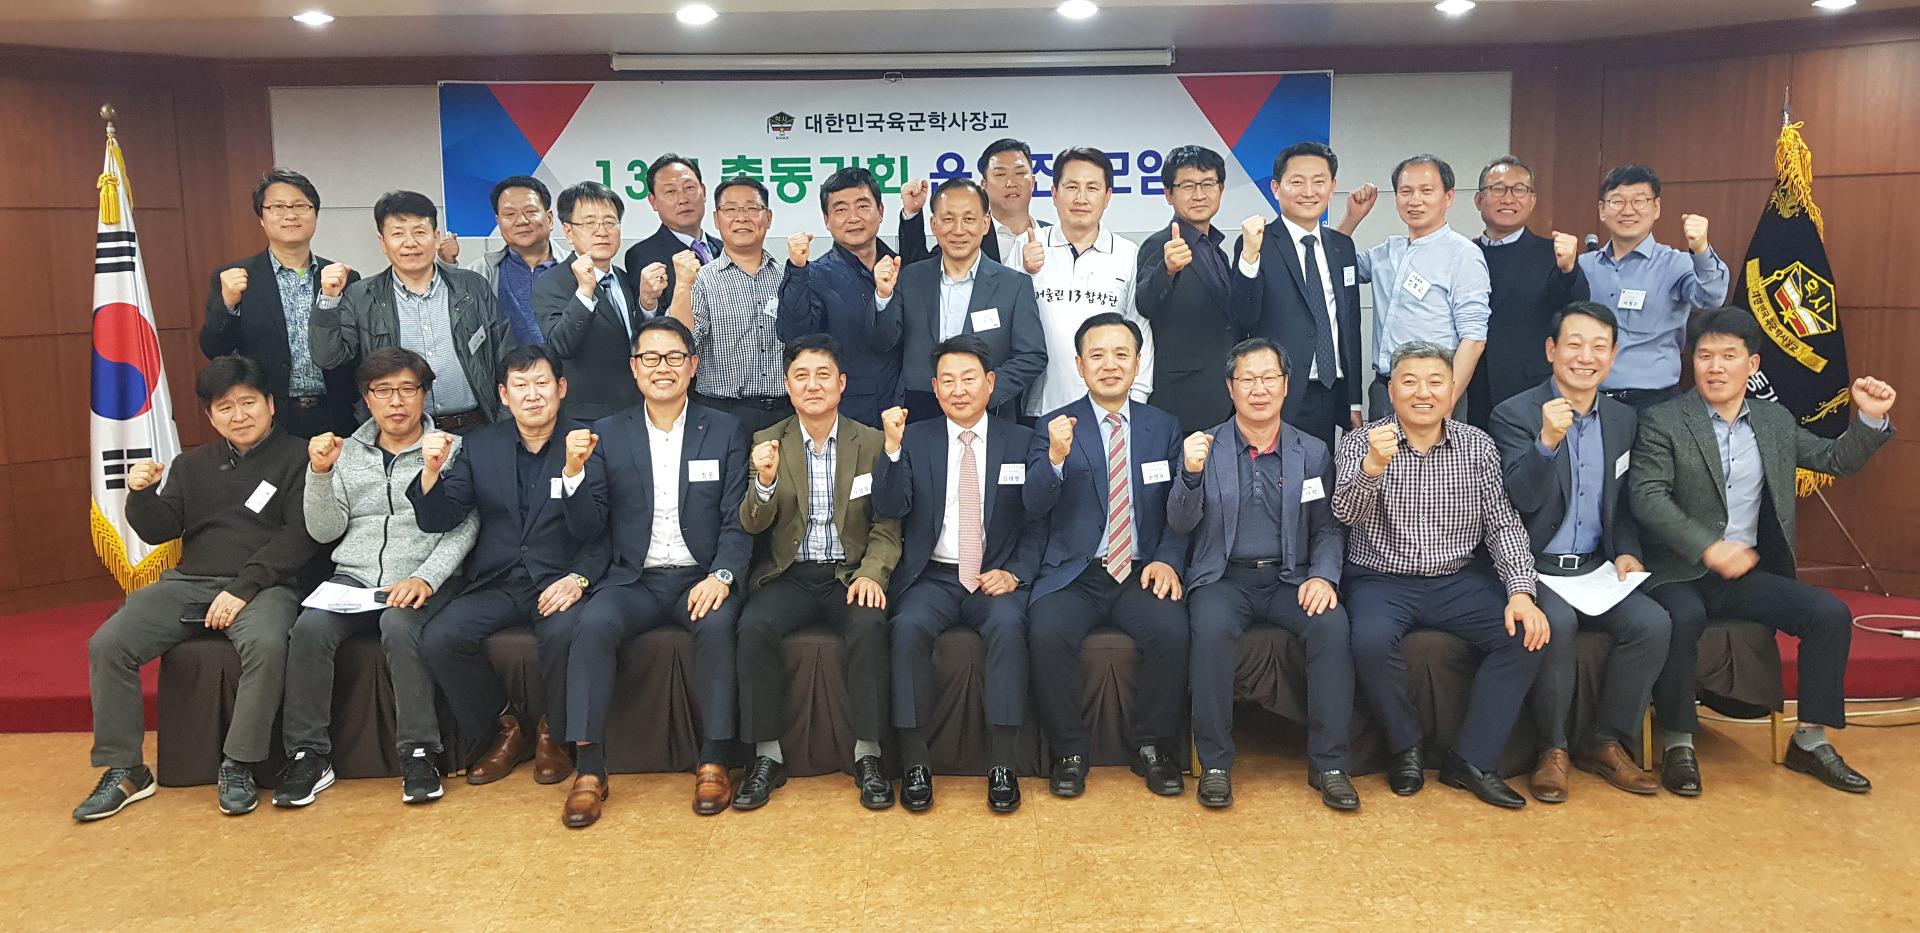 대한민국육군학사장교13기, 임관 30주년 기념식 위해 운영진 모임 가져